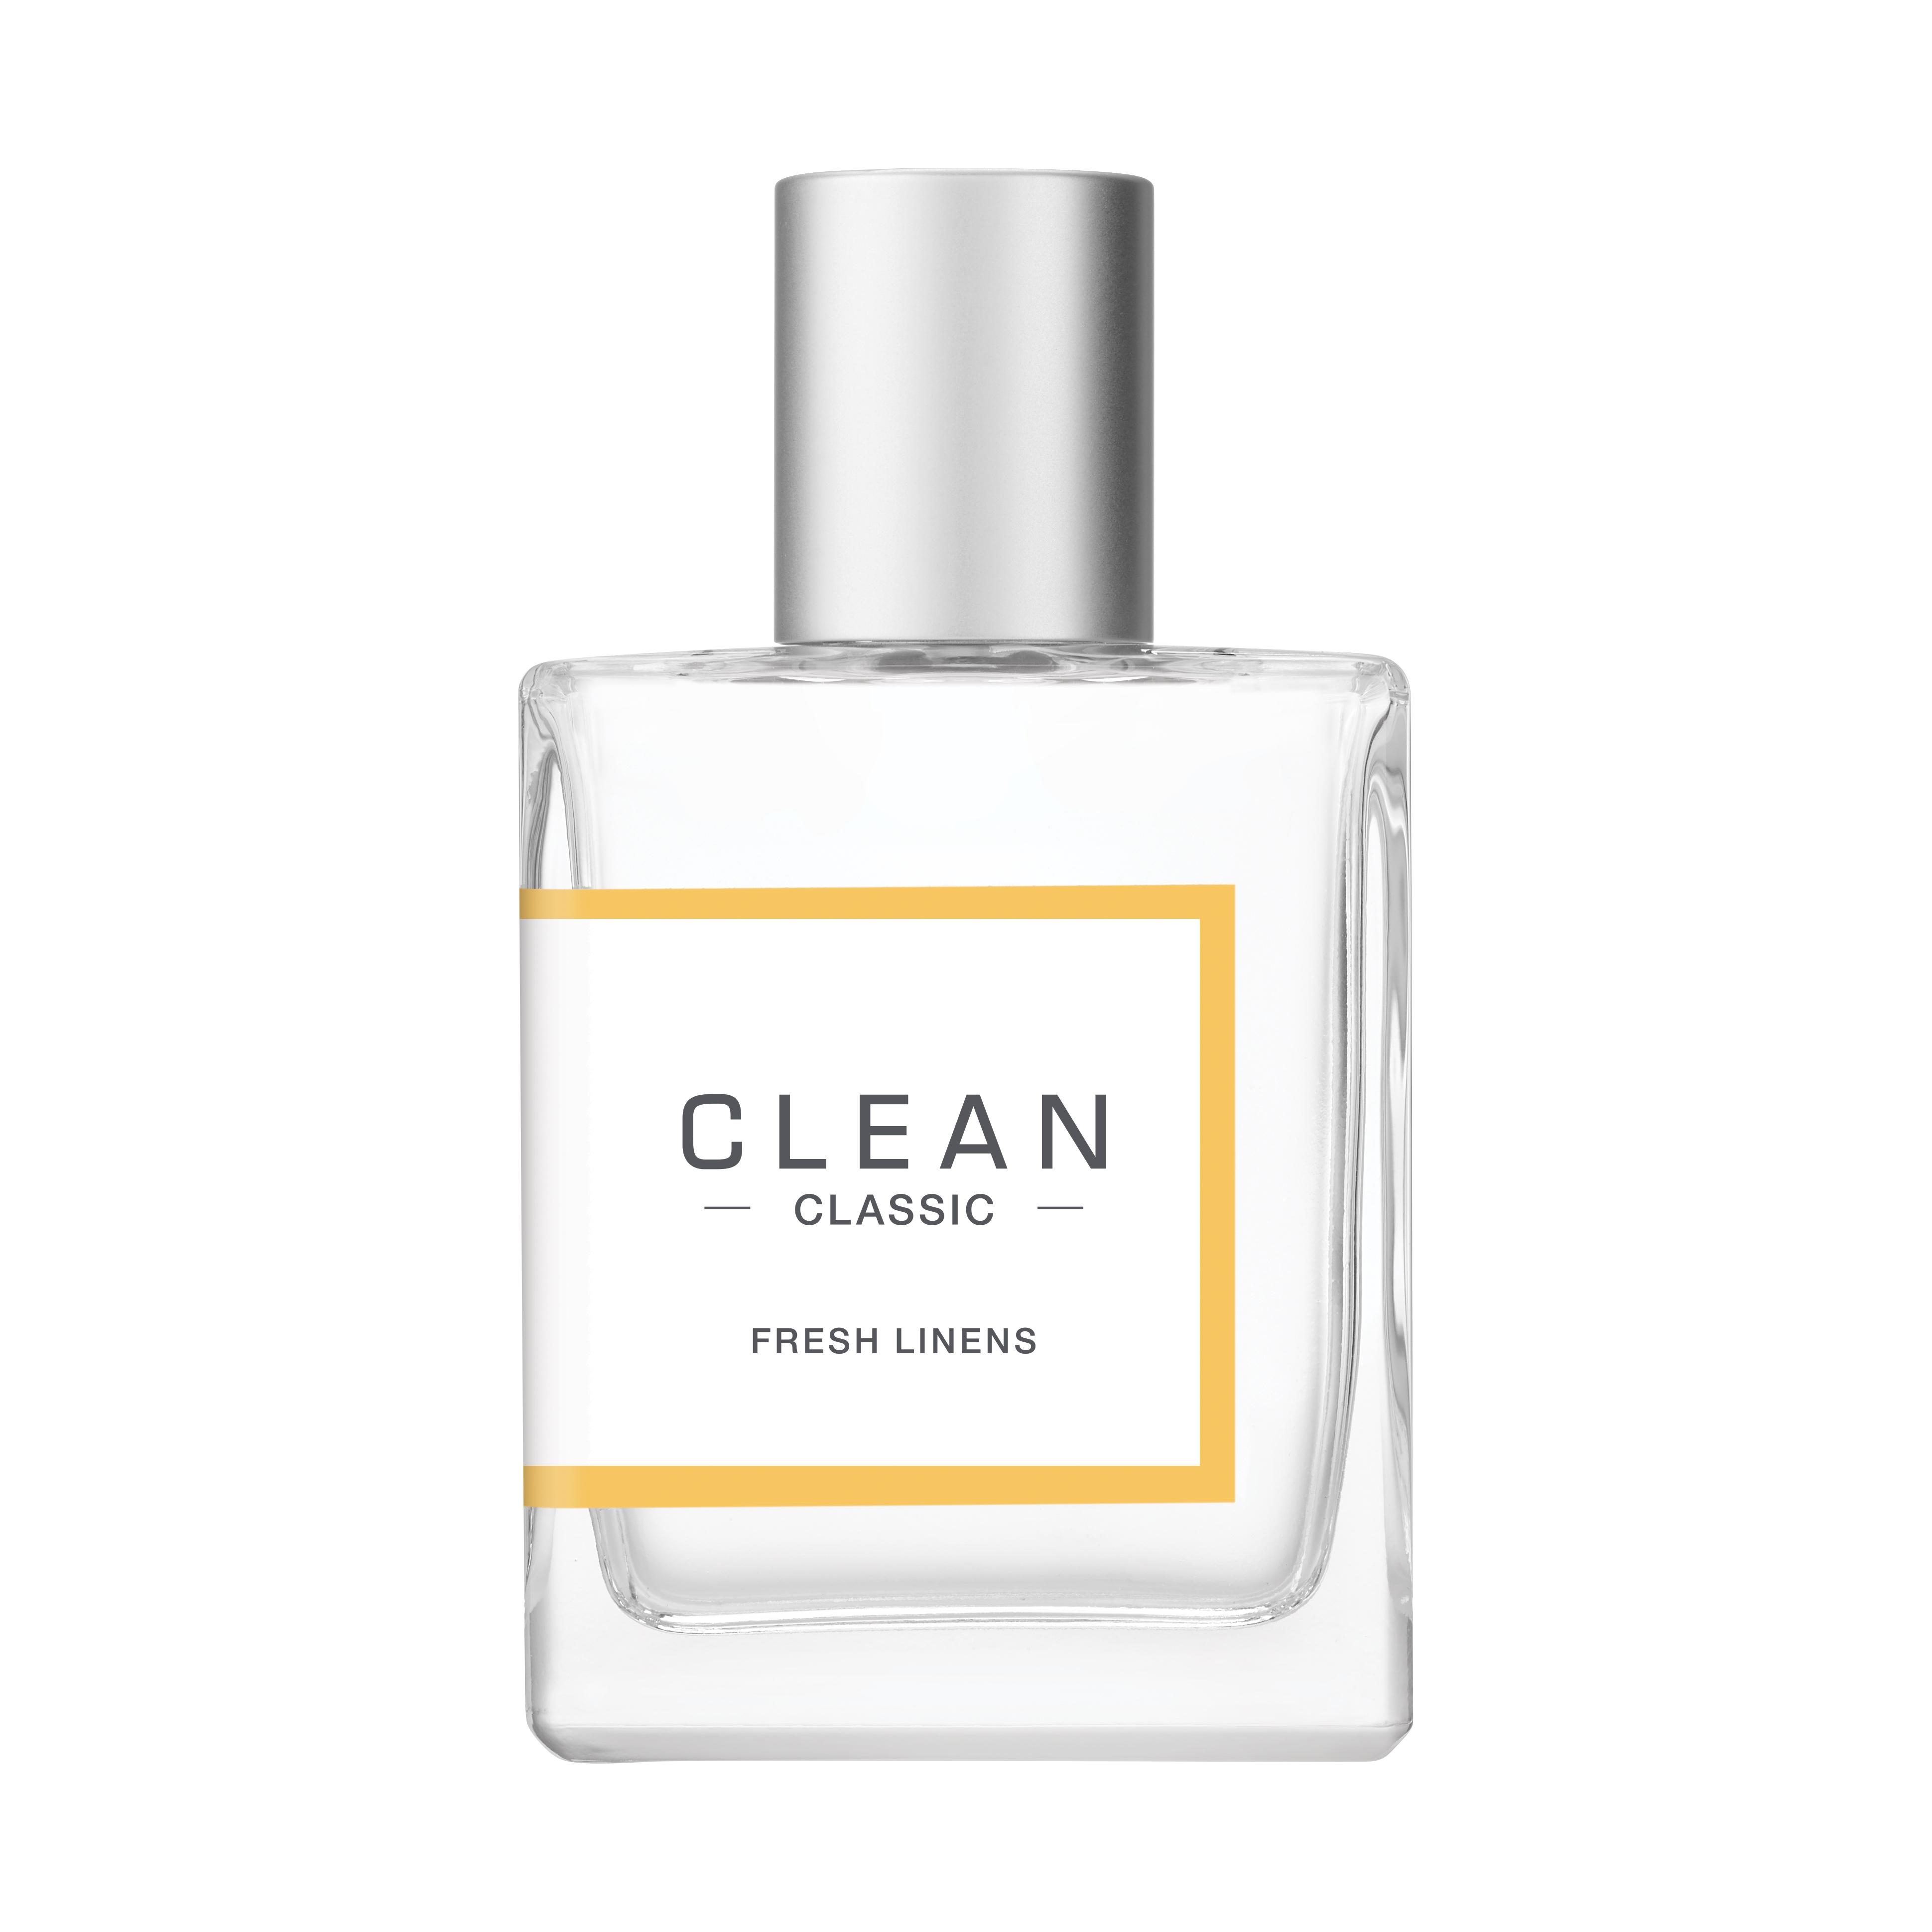 CLEAN Fresh Linens EDP, 60 ml